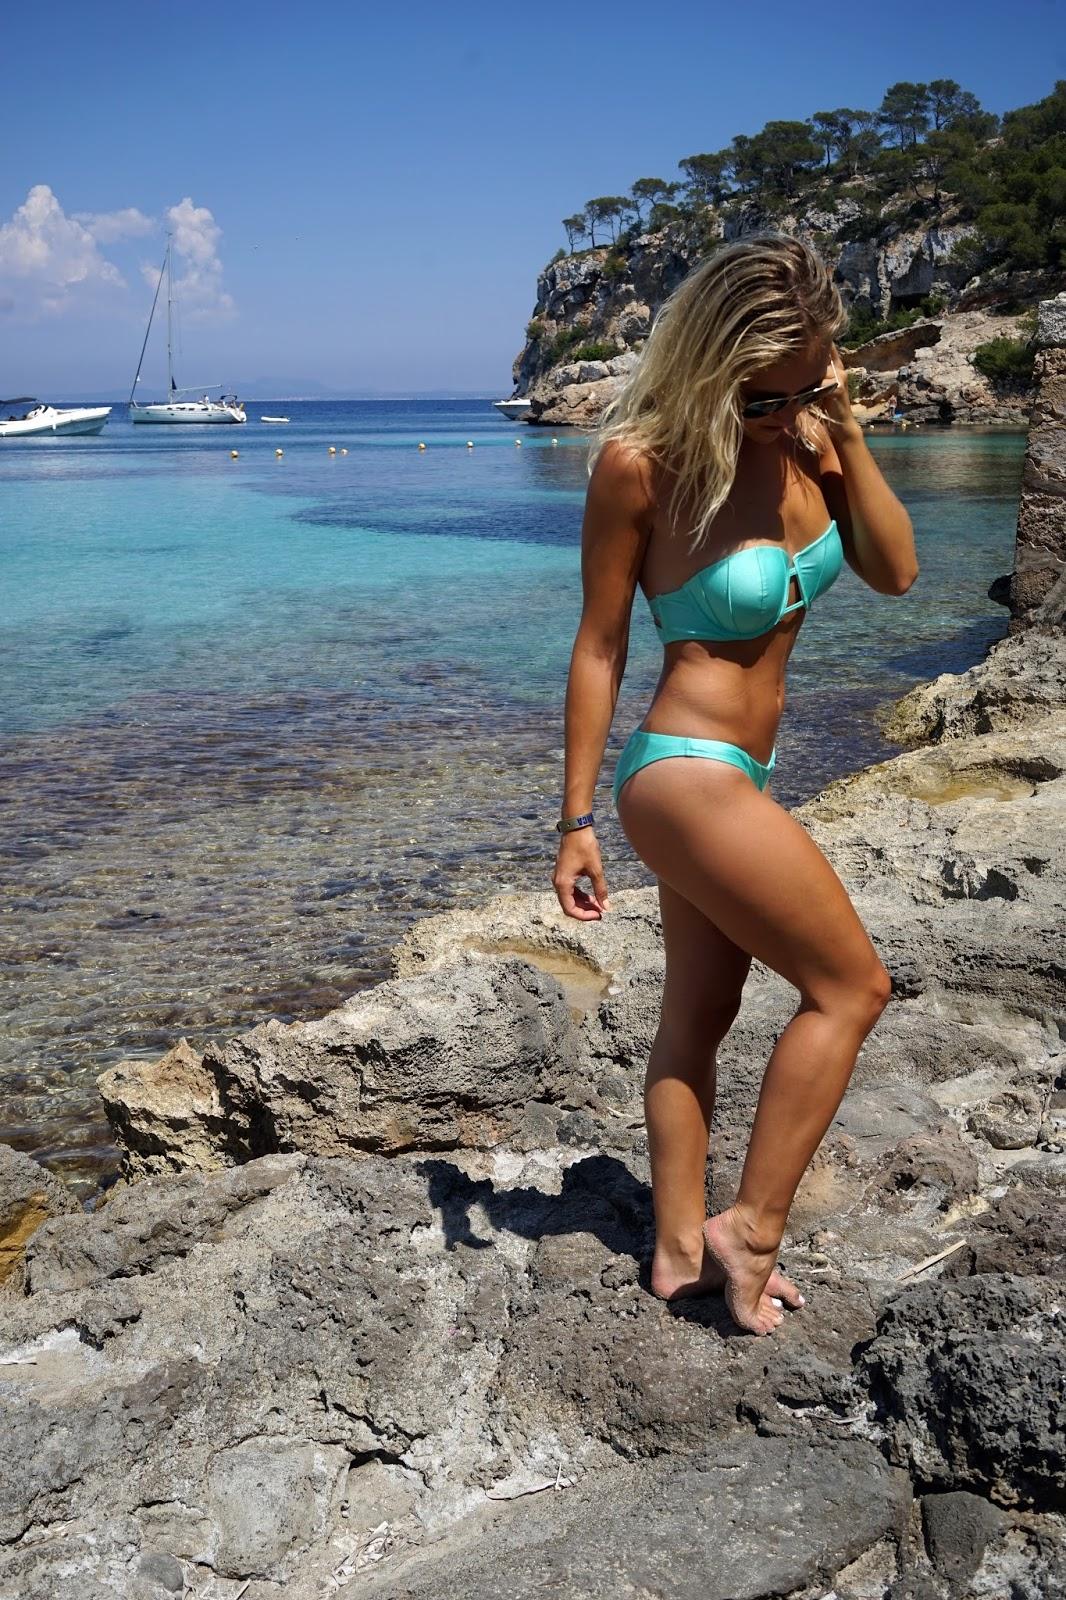 shell bikini